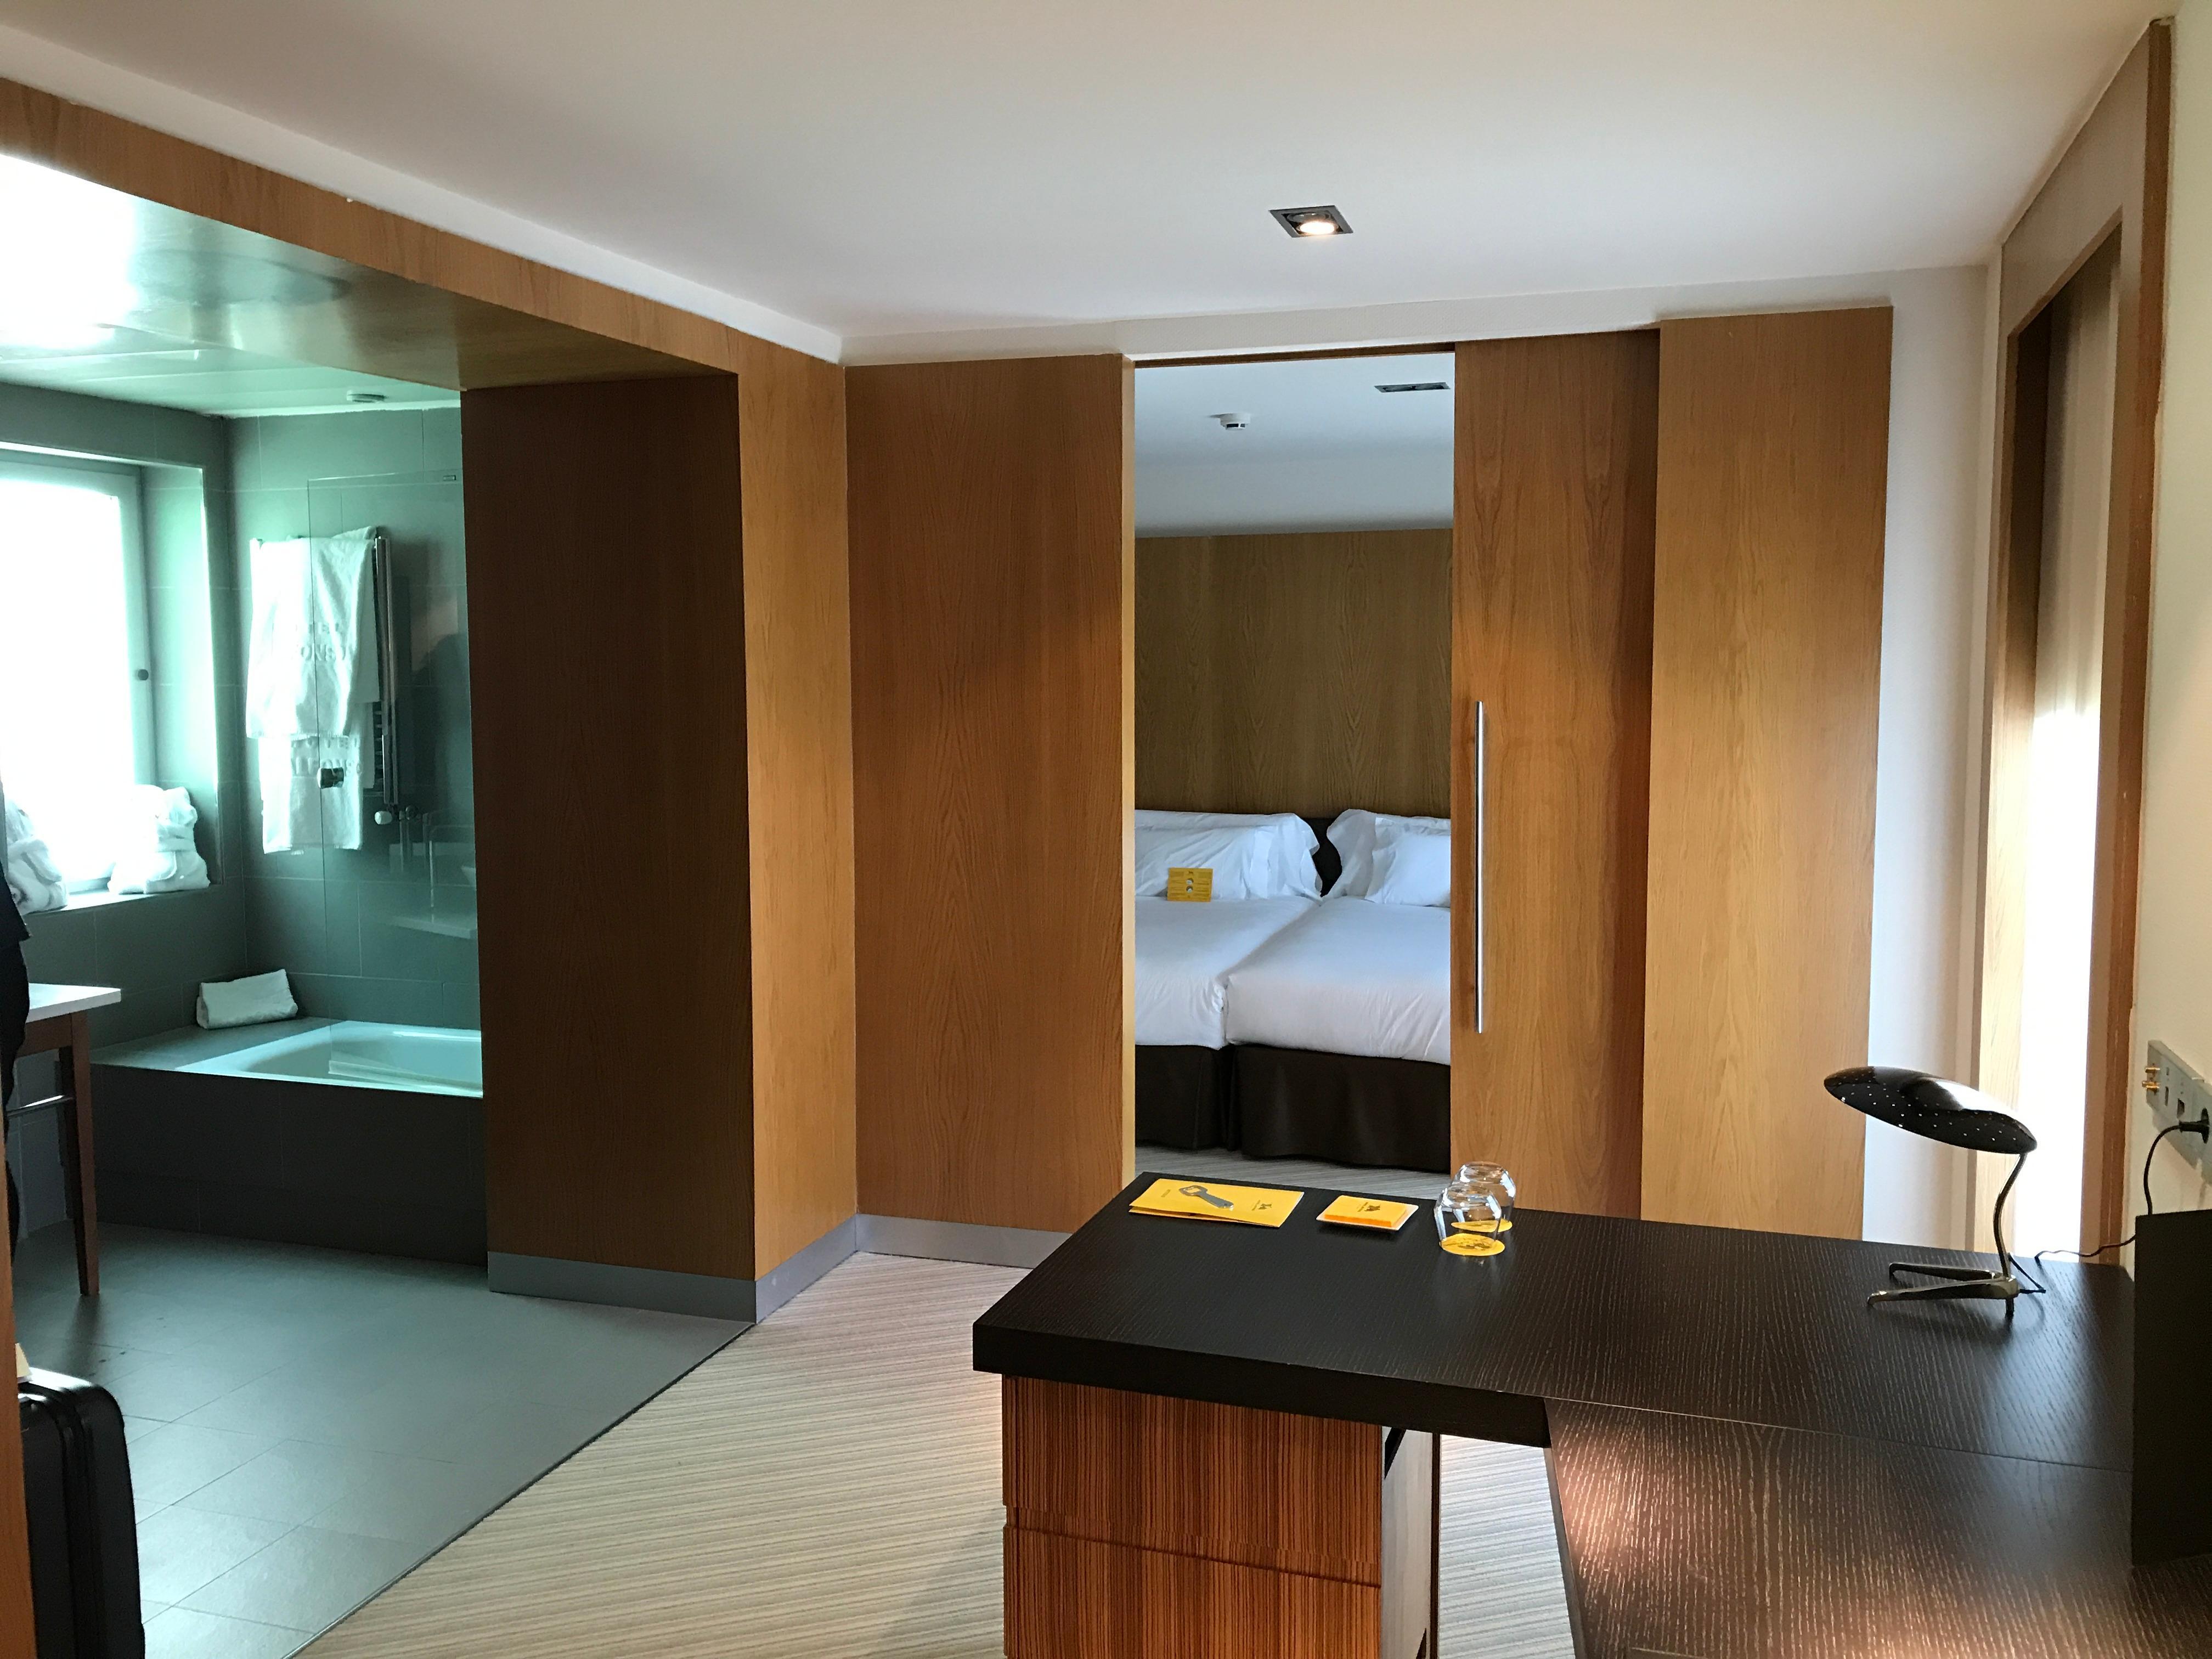 Hotel Alfonso, Zaragoza - Empfehlungen, Fotos & Angebote ...